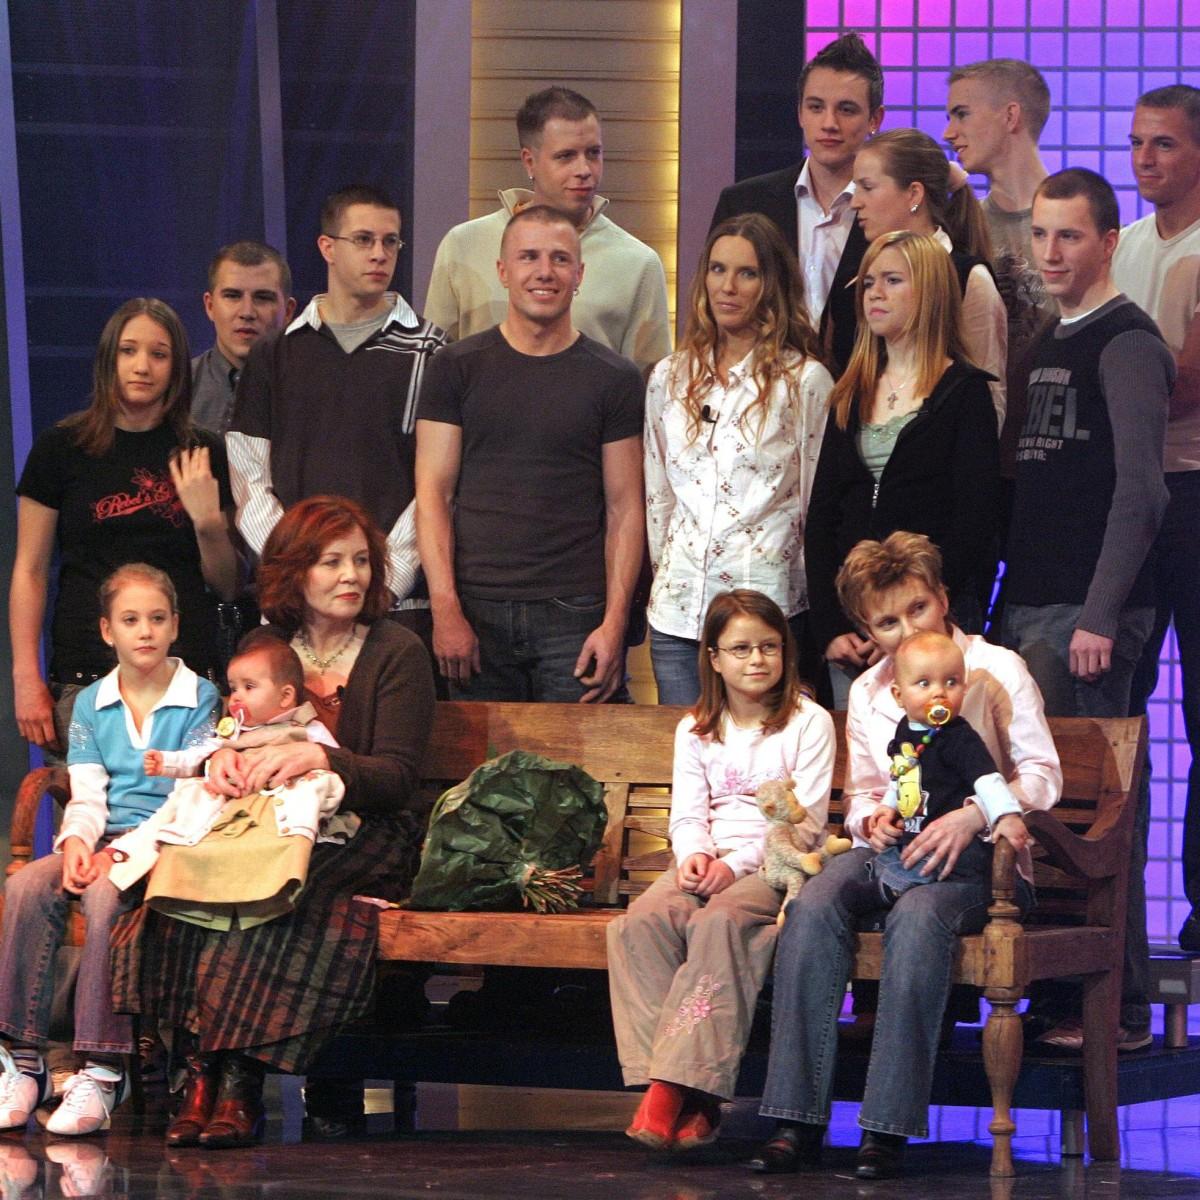 Annegret Raunigk Ist Die Lehrerin Die Mit 65 Schwanger Ist Berliner Morgenpost